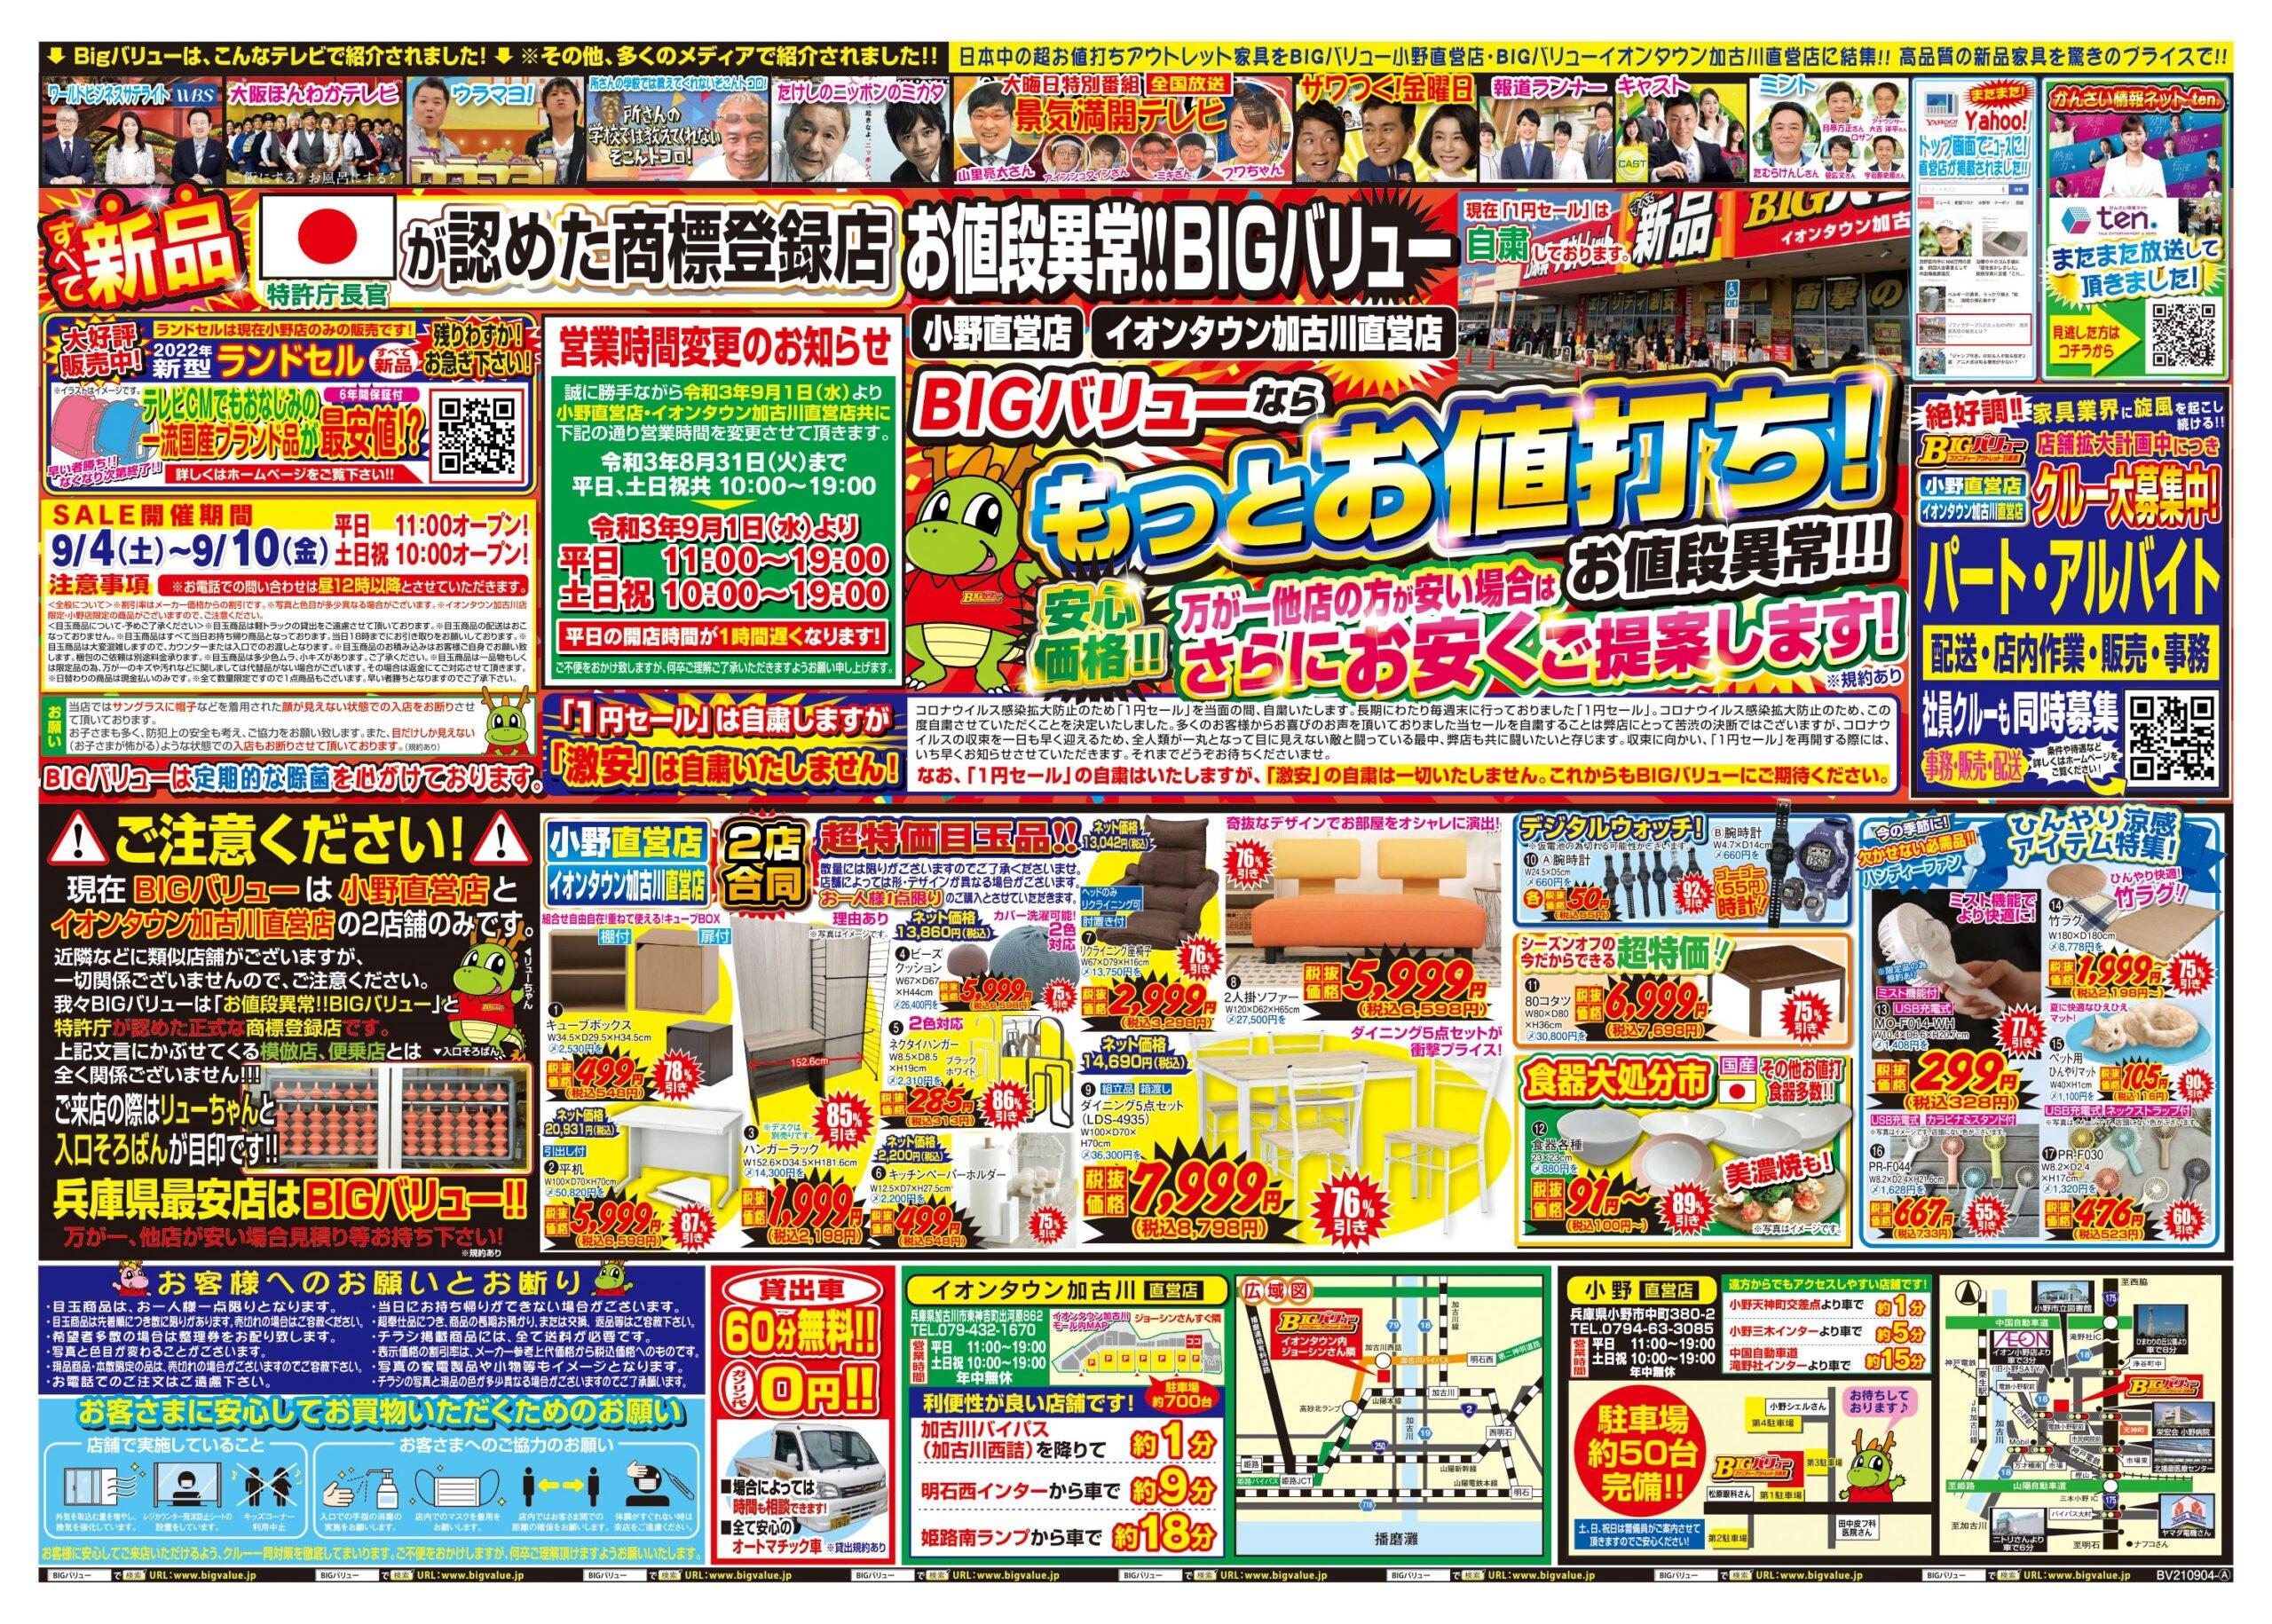 チラシ情報2021年9月4日~9月10日 小野店/イオンタウン加古川店